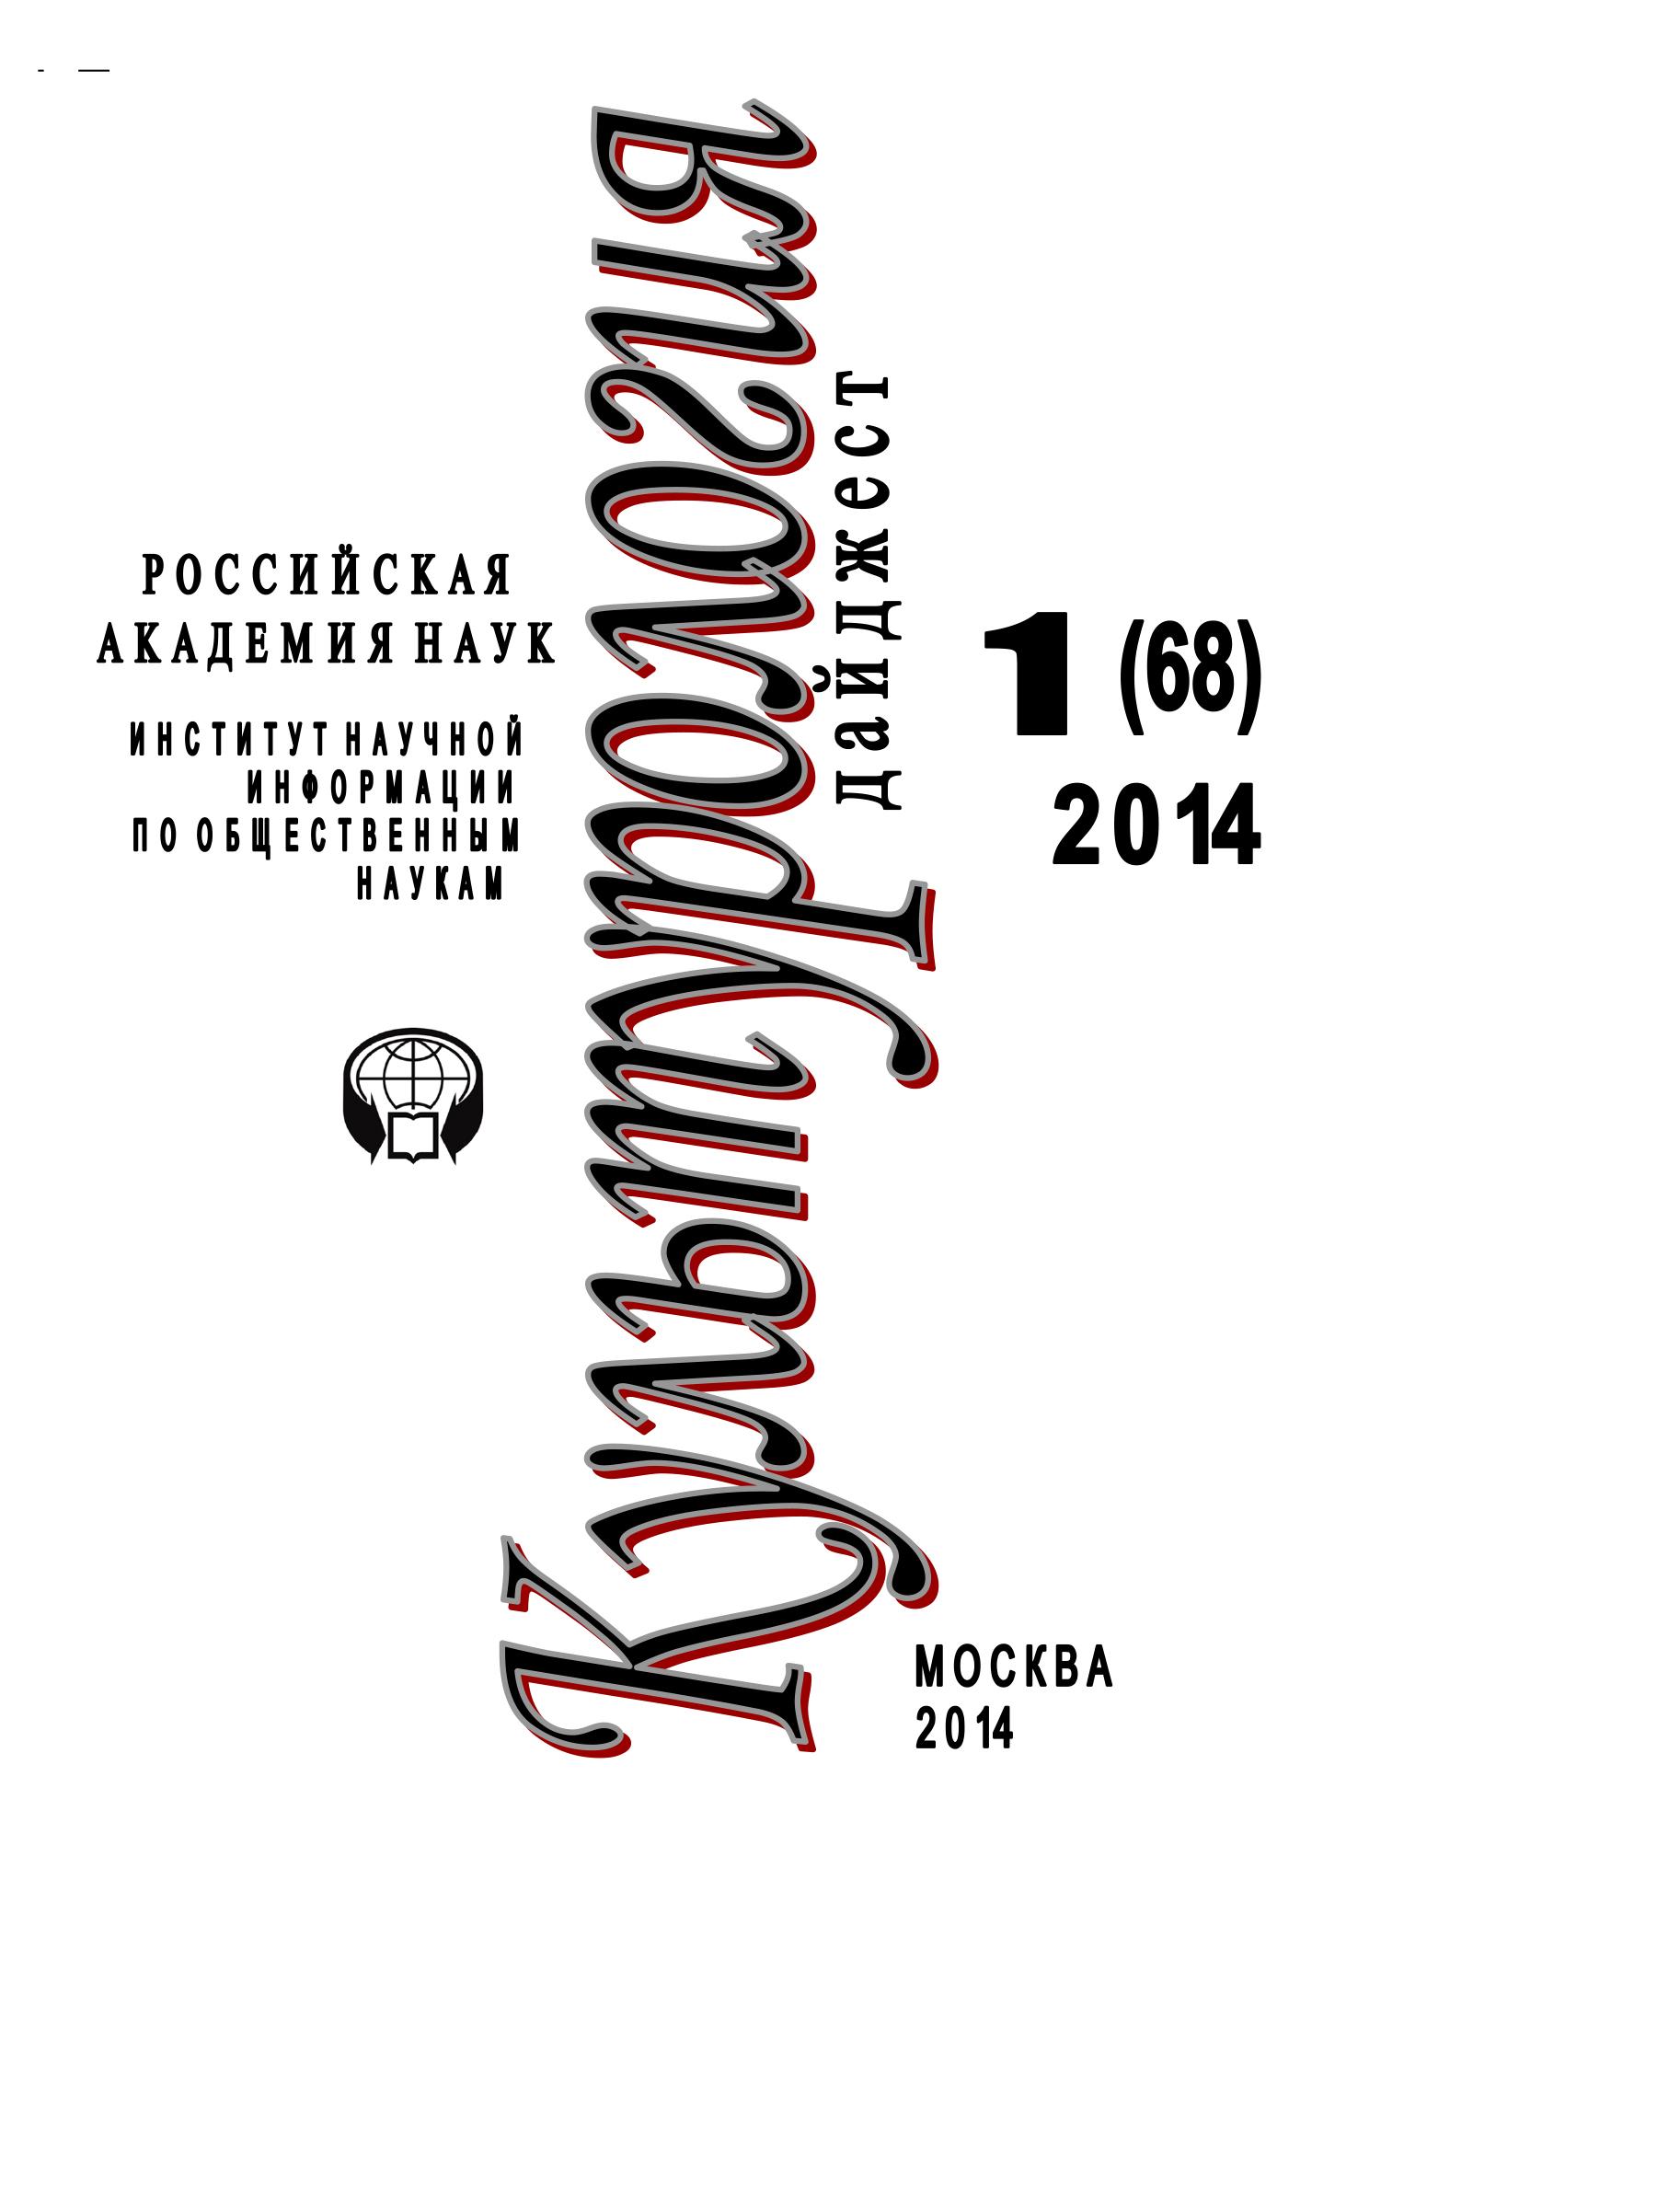 Ирина Галинская Культурология. Дайджест №1 / 2014 философия и культура 1 2008